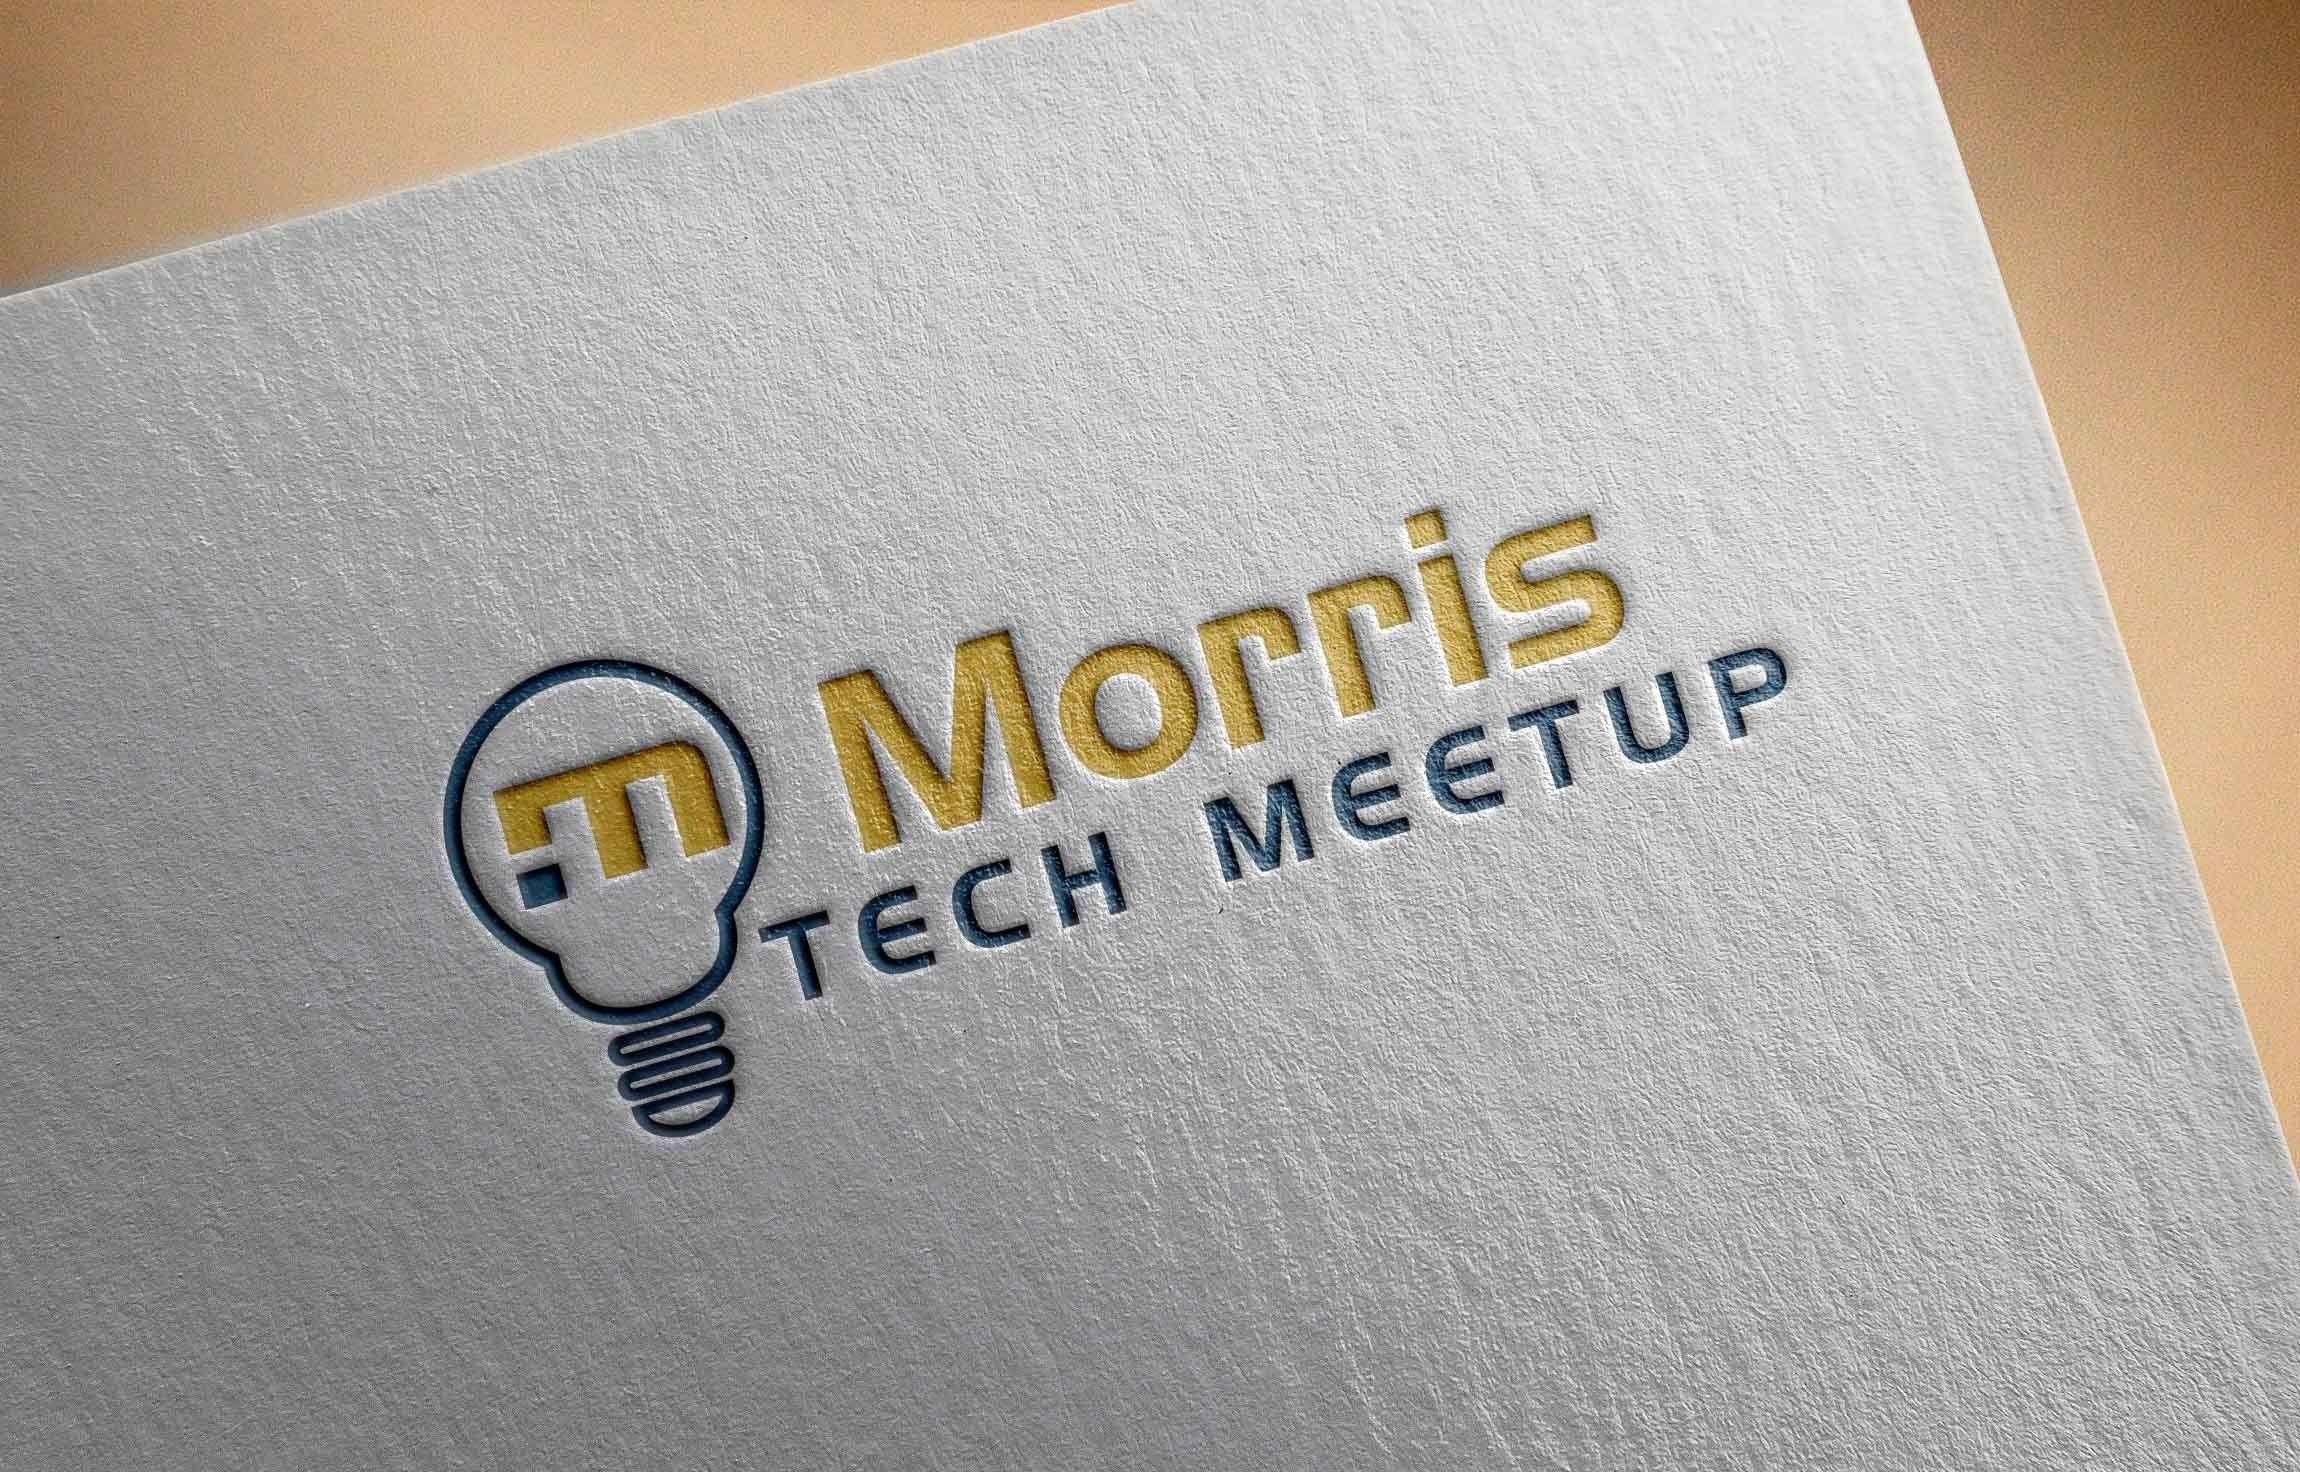 Morris Tech Meetup